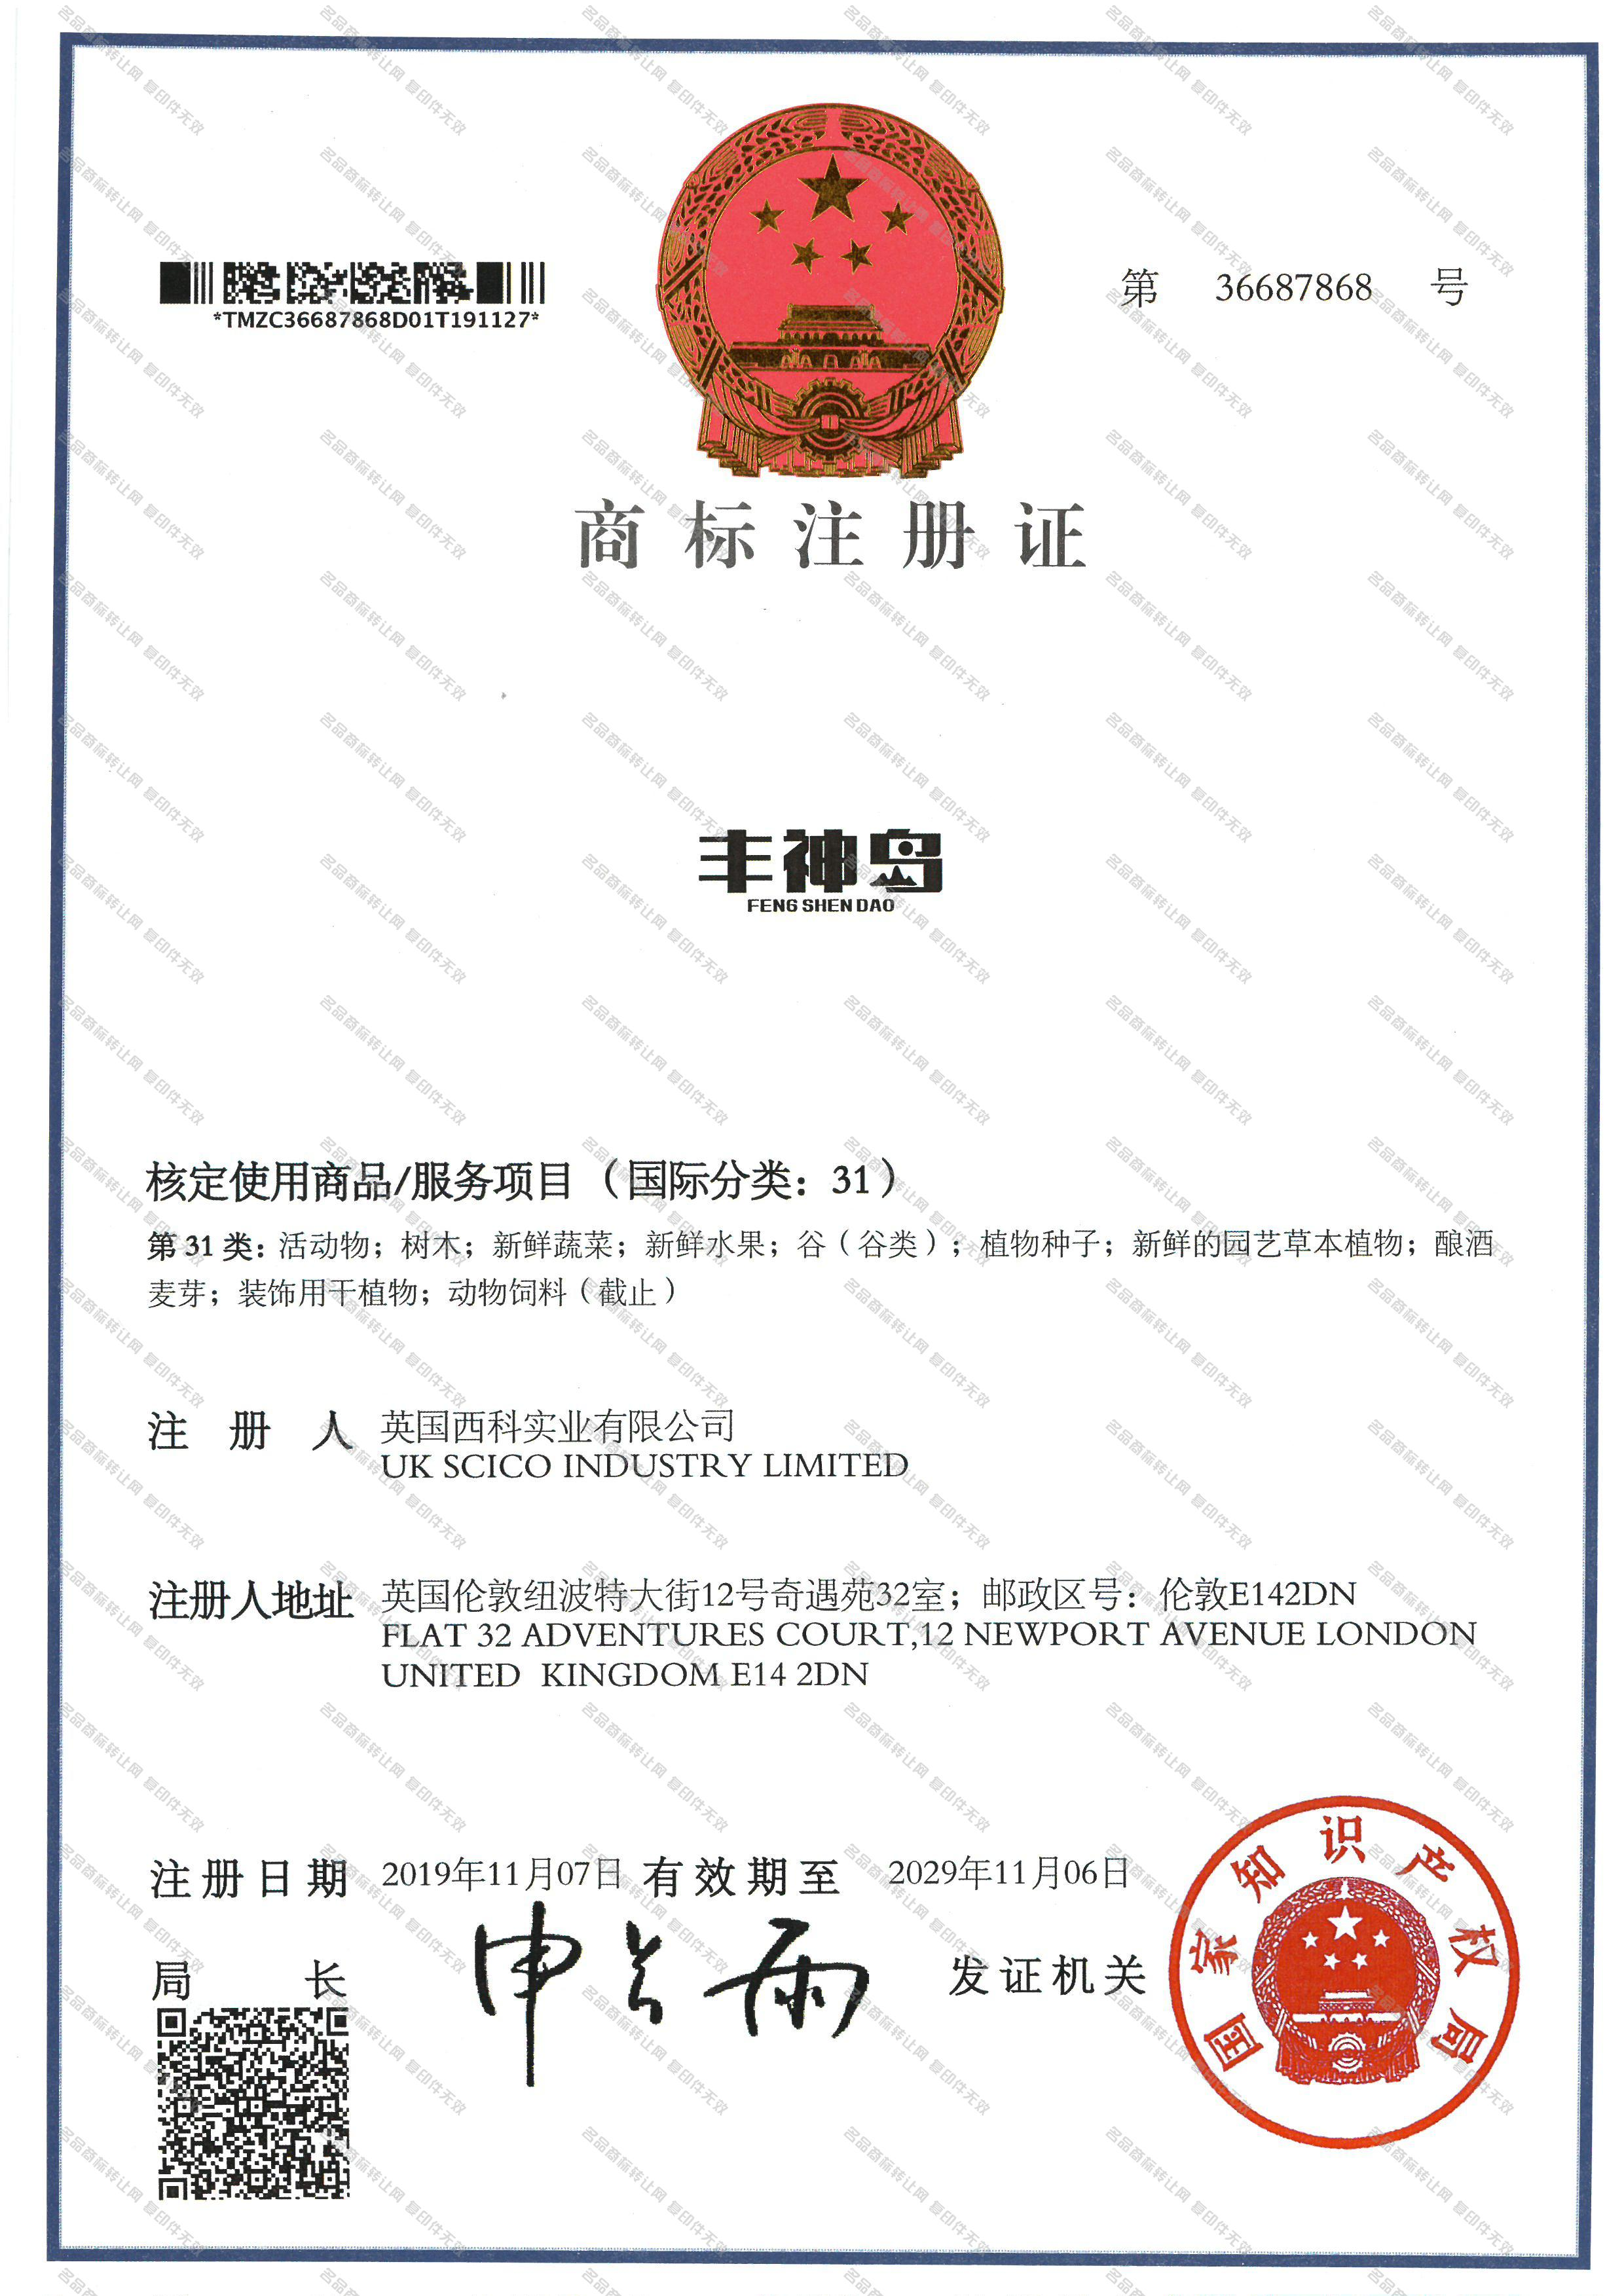 丰神岛注册证